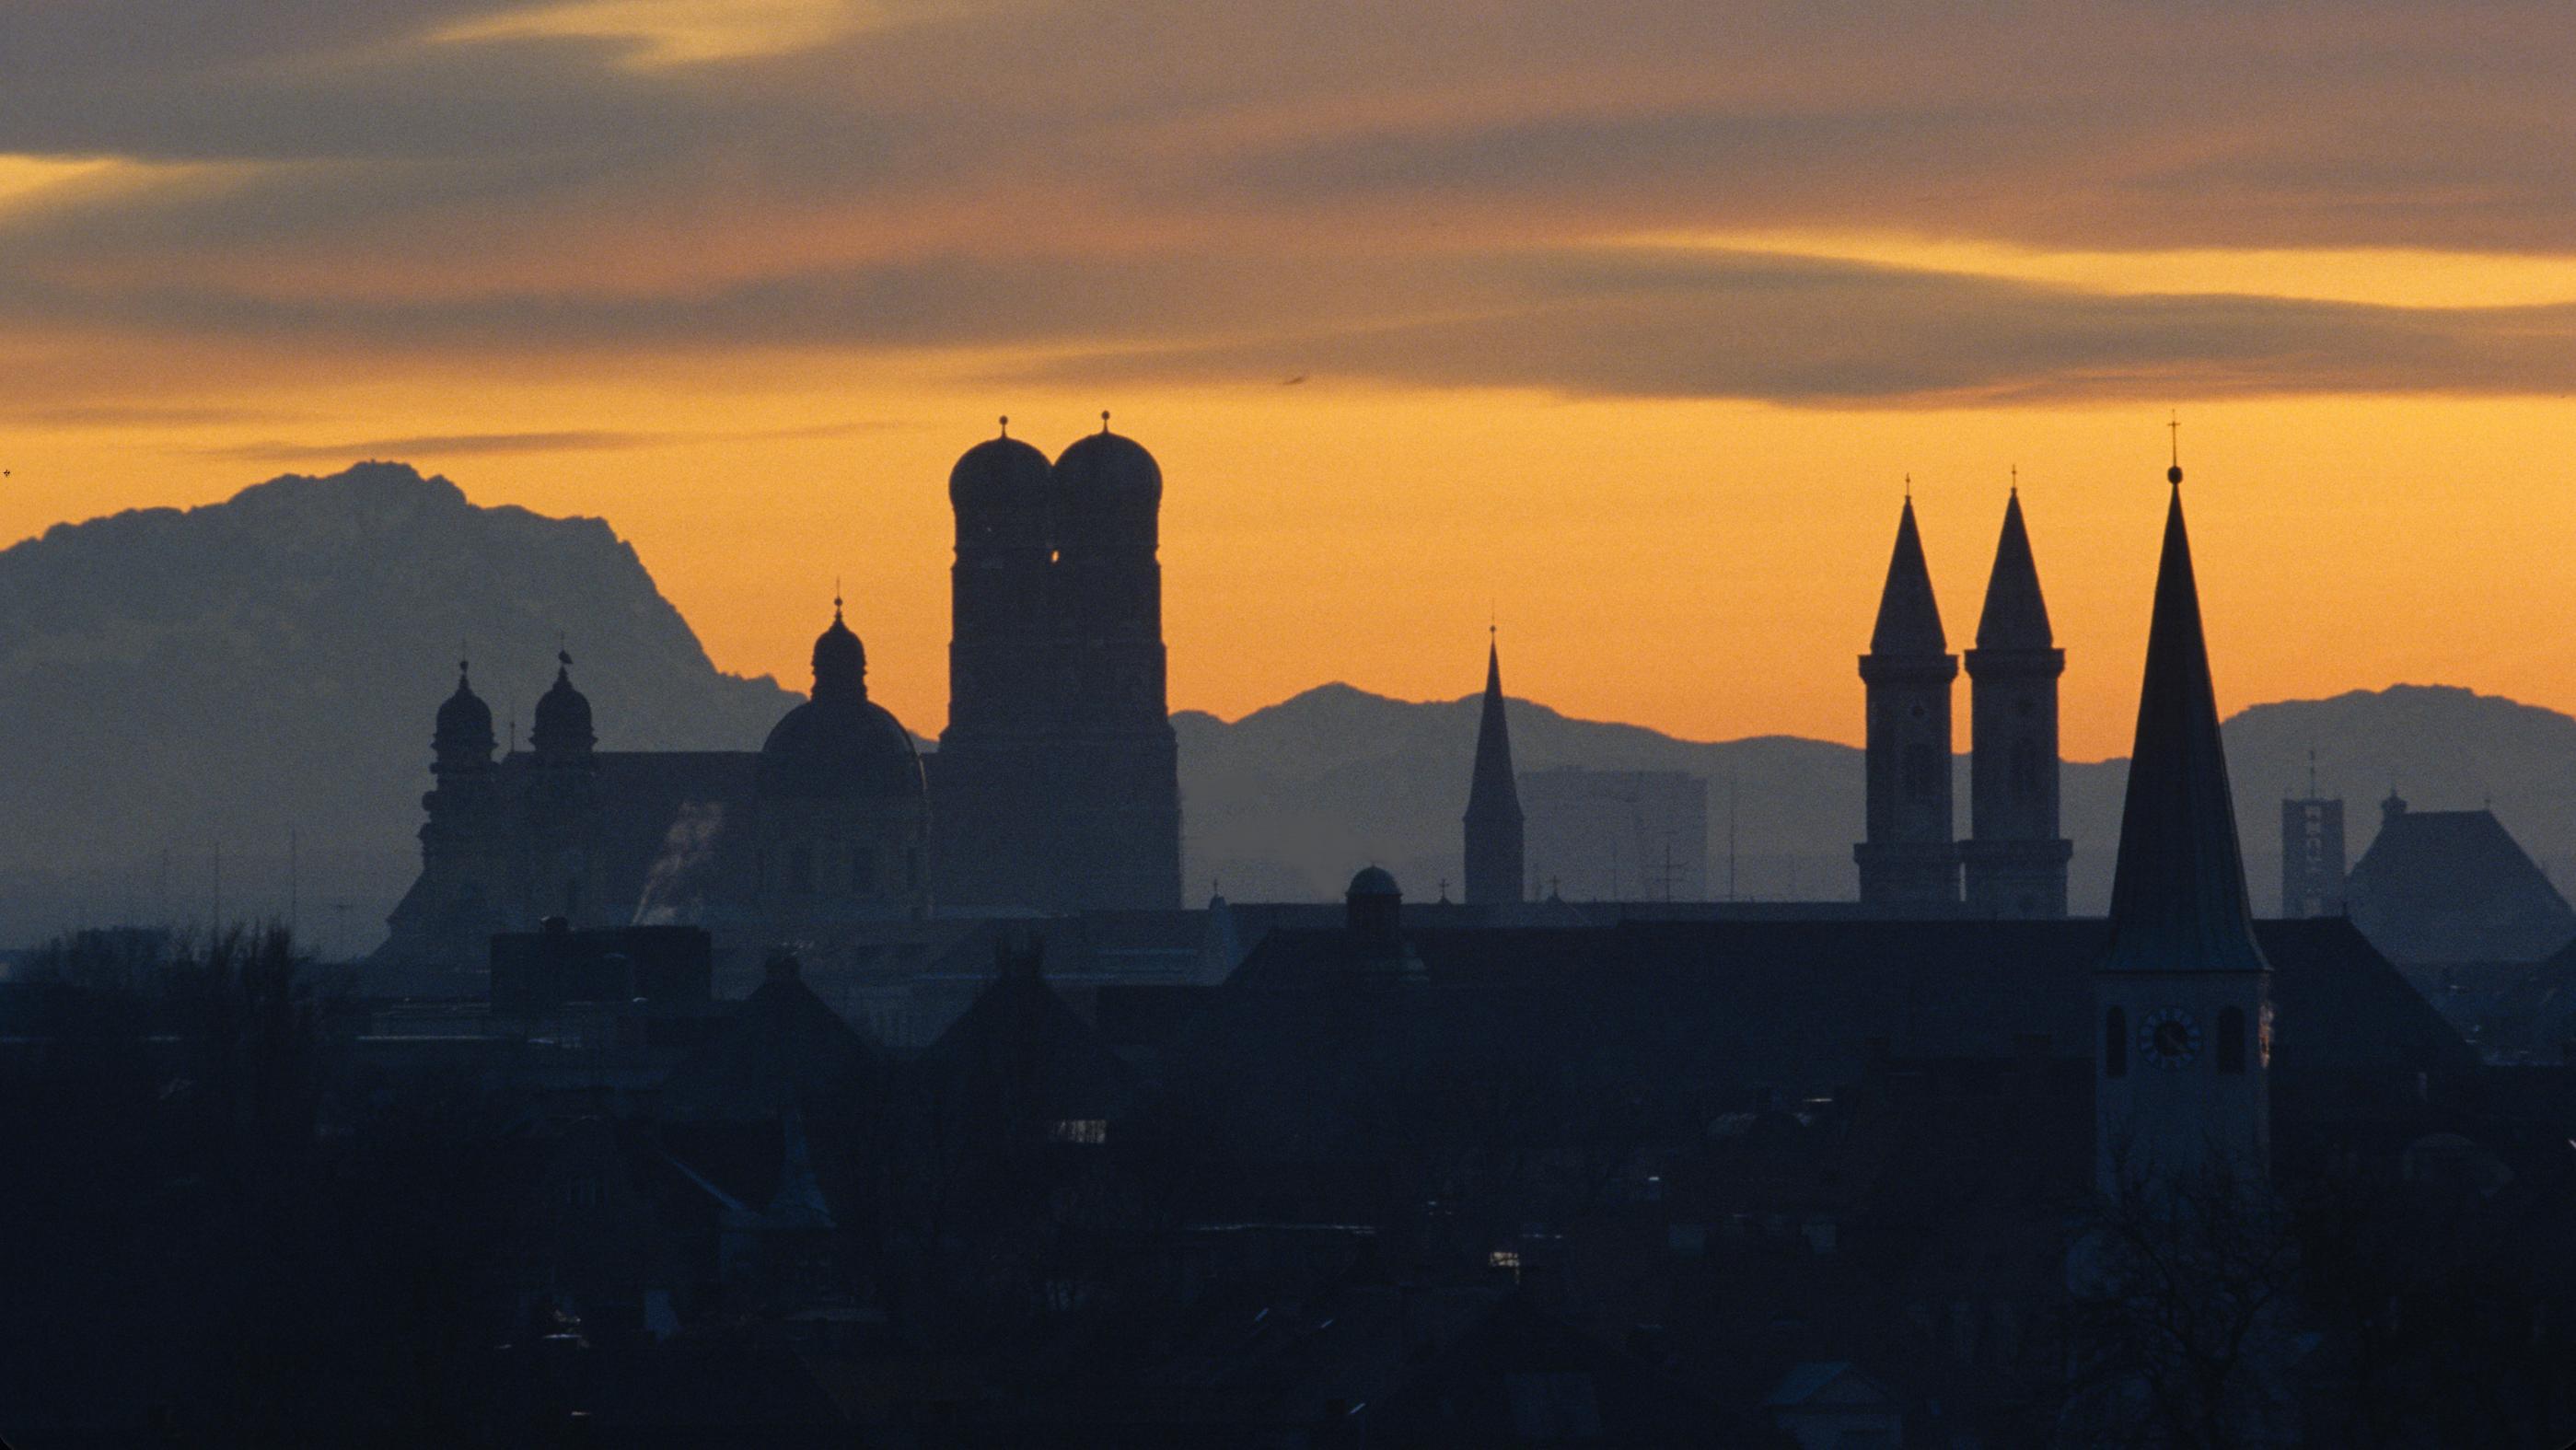 Silhouette des Münchner Frauenkirche.